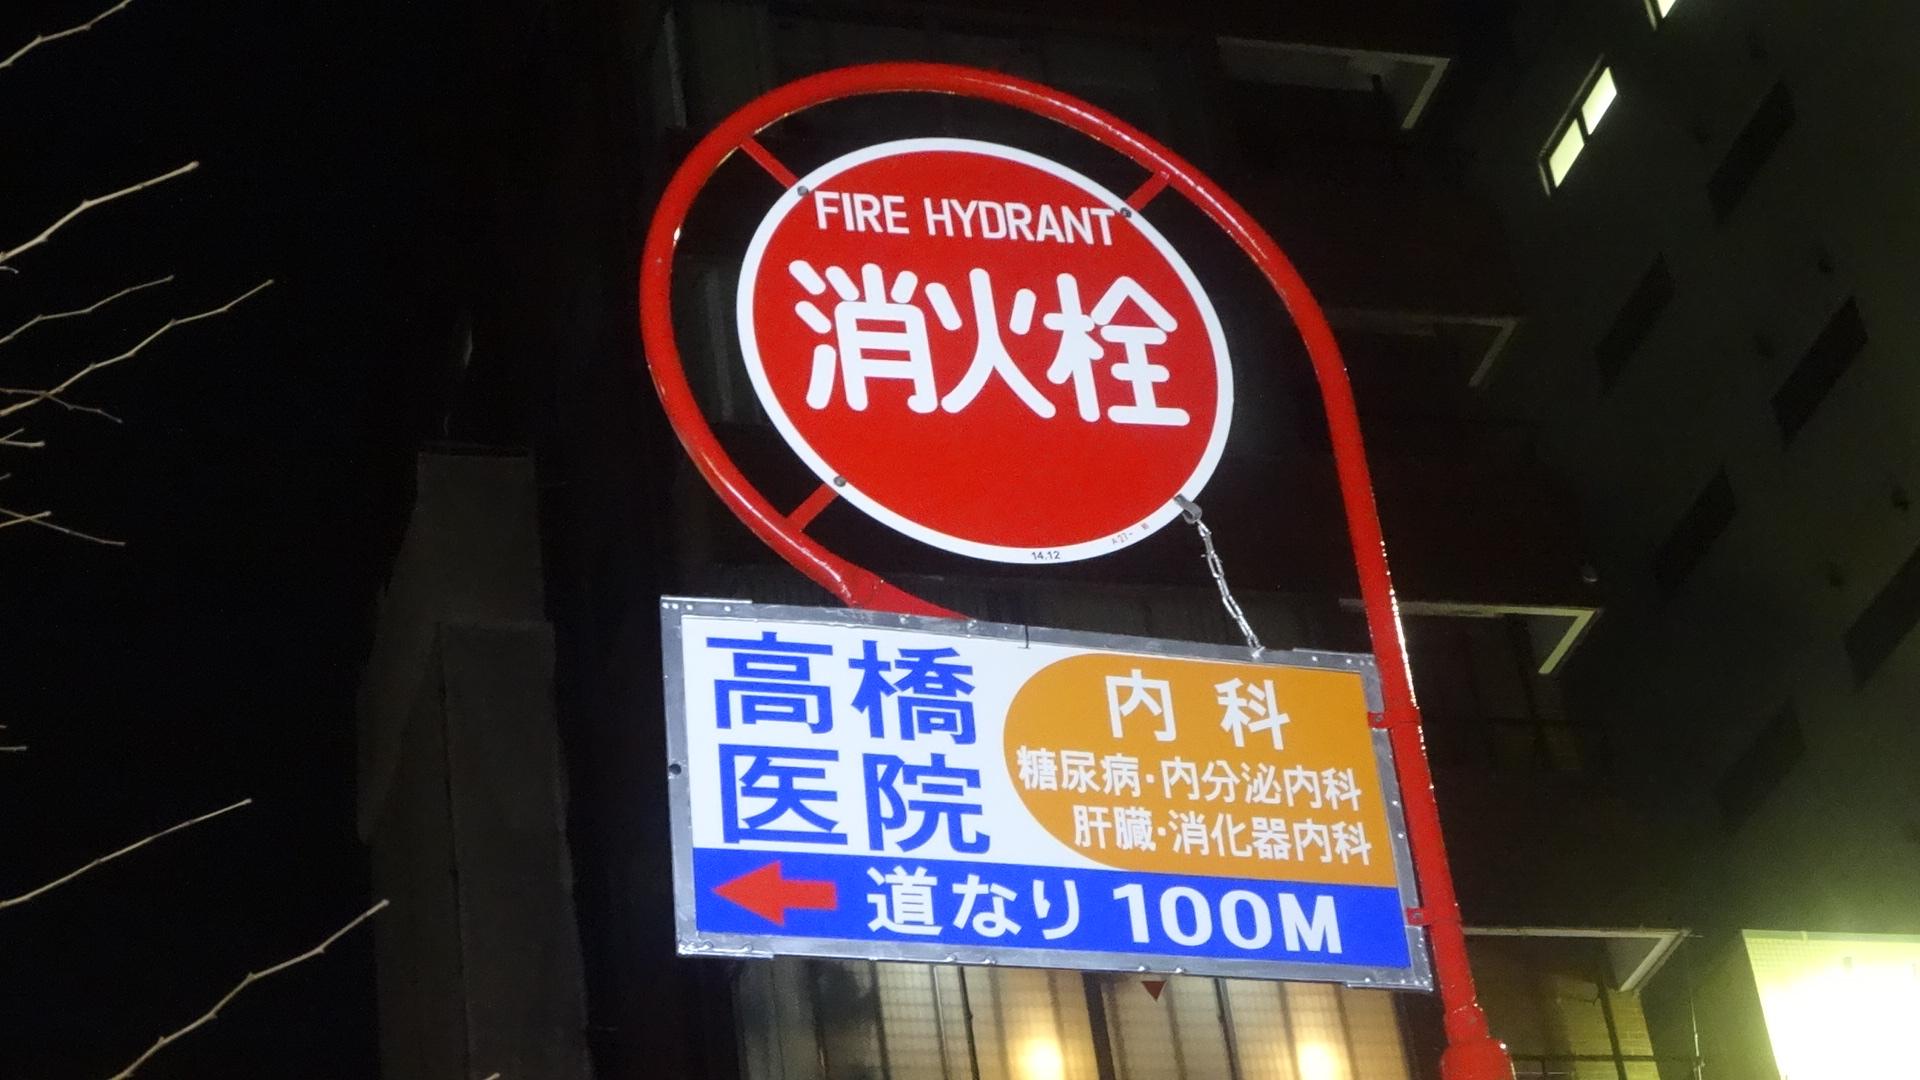 消火栓広告の写真